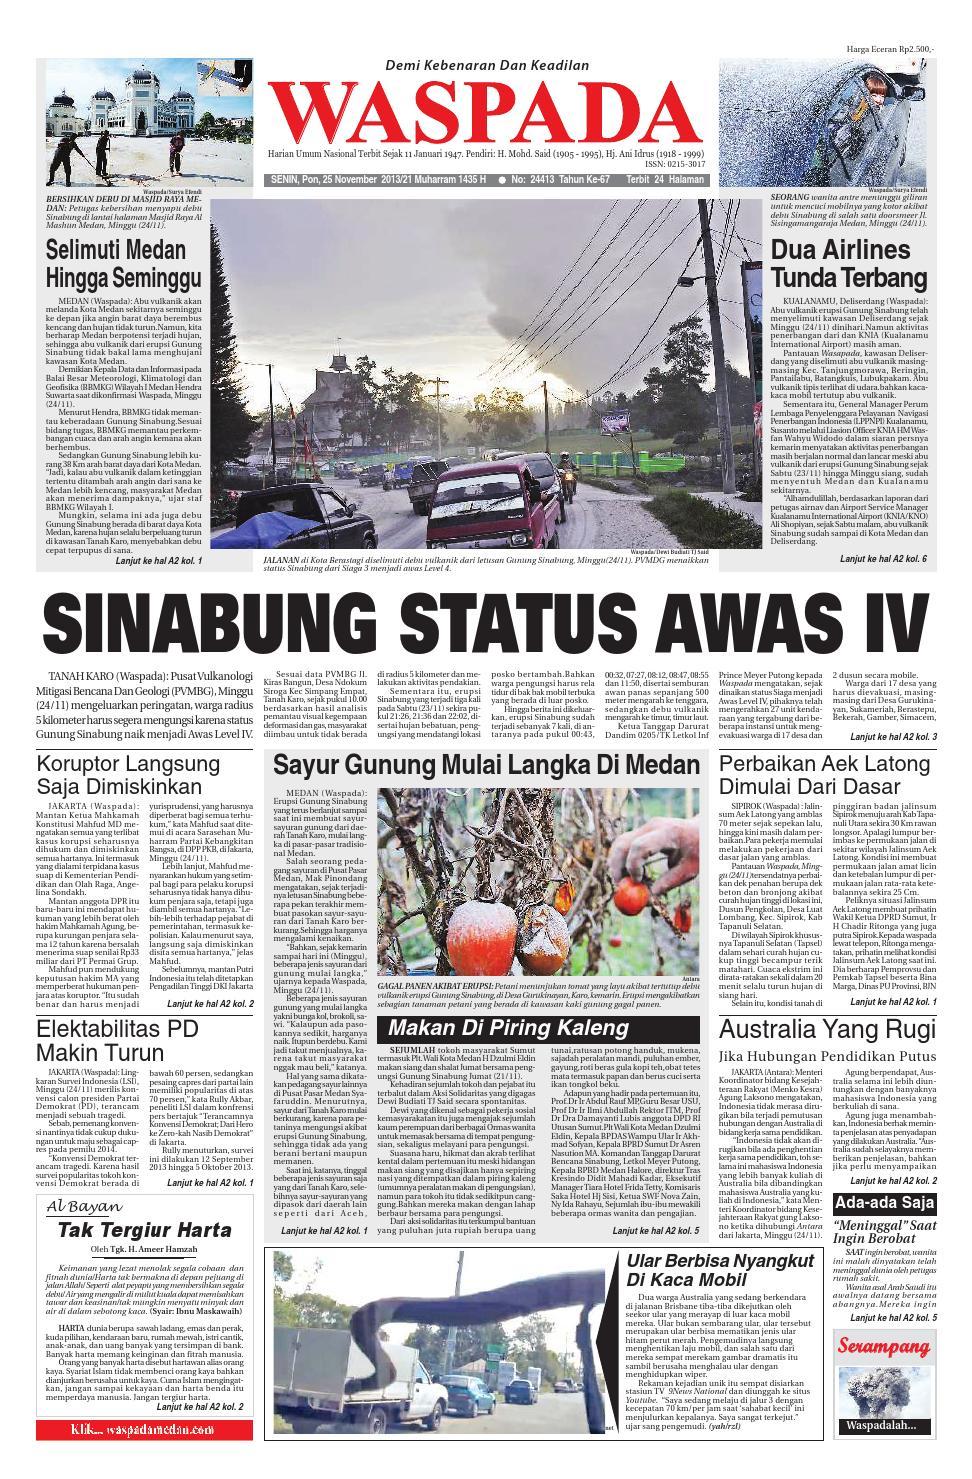 Waspadasenin 25 November 2013 By Harian Waspada Issuu Produk Ukm Bumn Box Hantaran Pengantin Bio Art